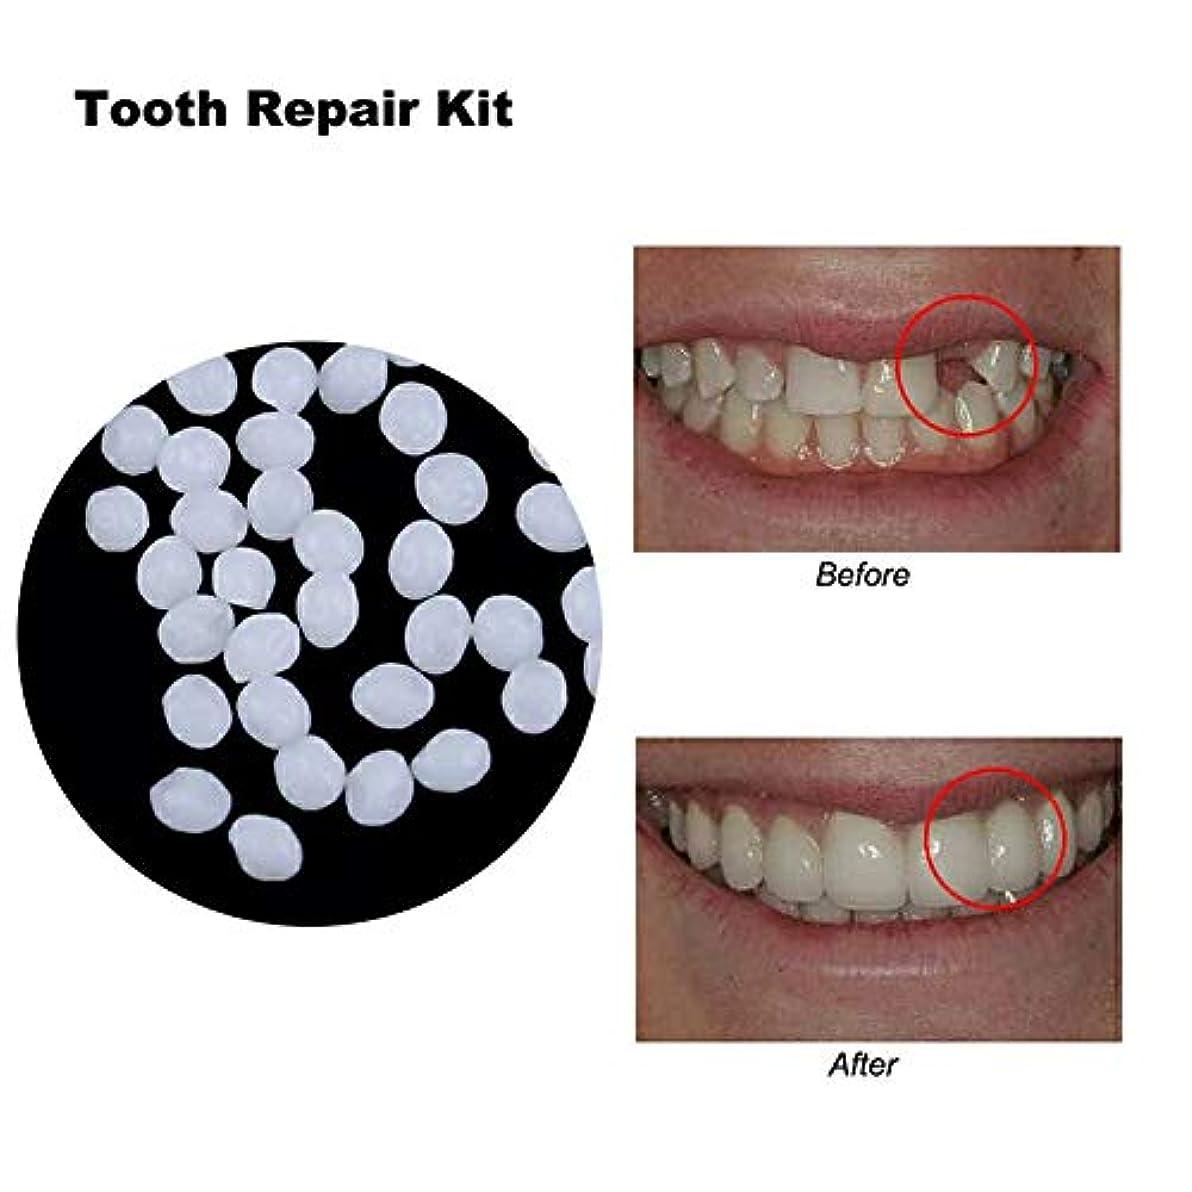 精通した拘束する計器偽歯固体接着剤、樹脂の歯とギャップのための一時的な化粧品の歯の修復キットクリエイティブ義歯接着剤,10ml14g